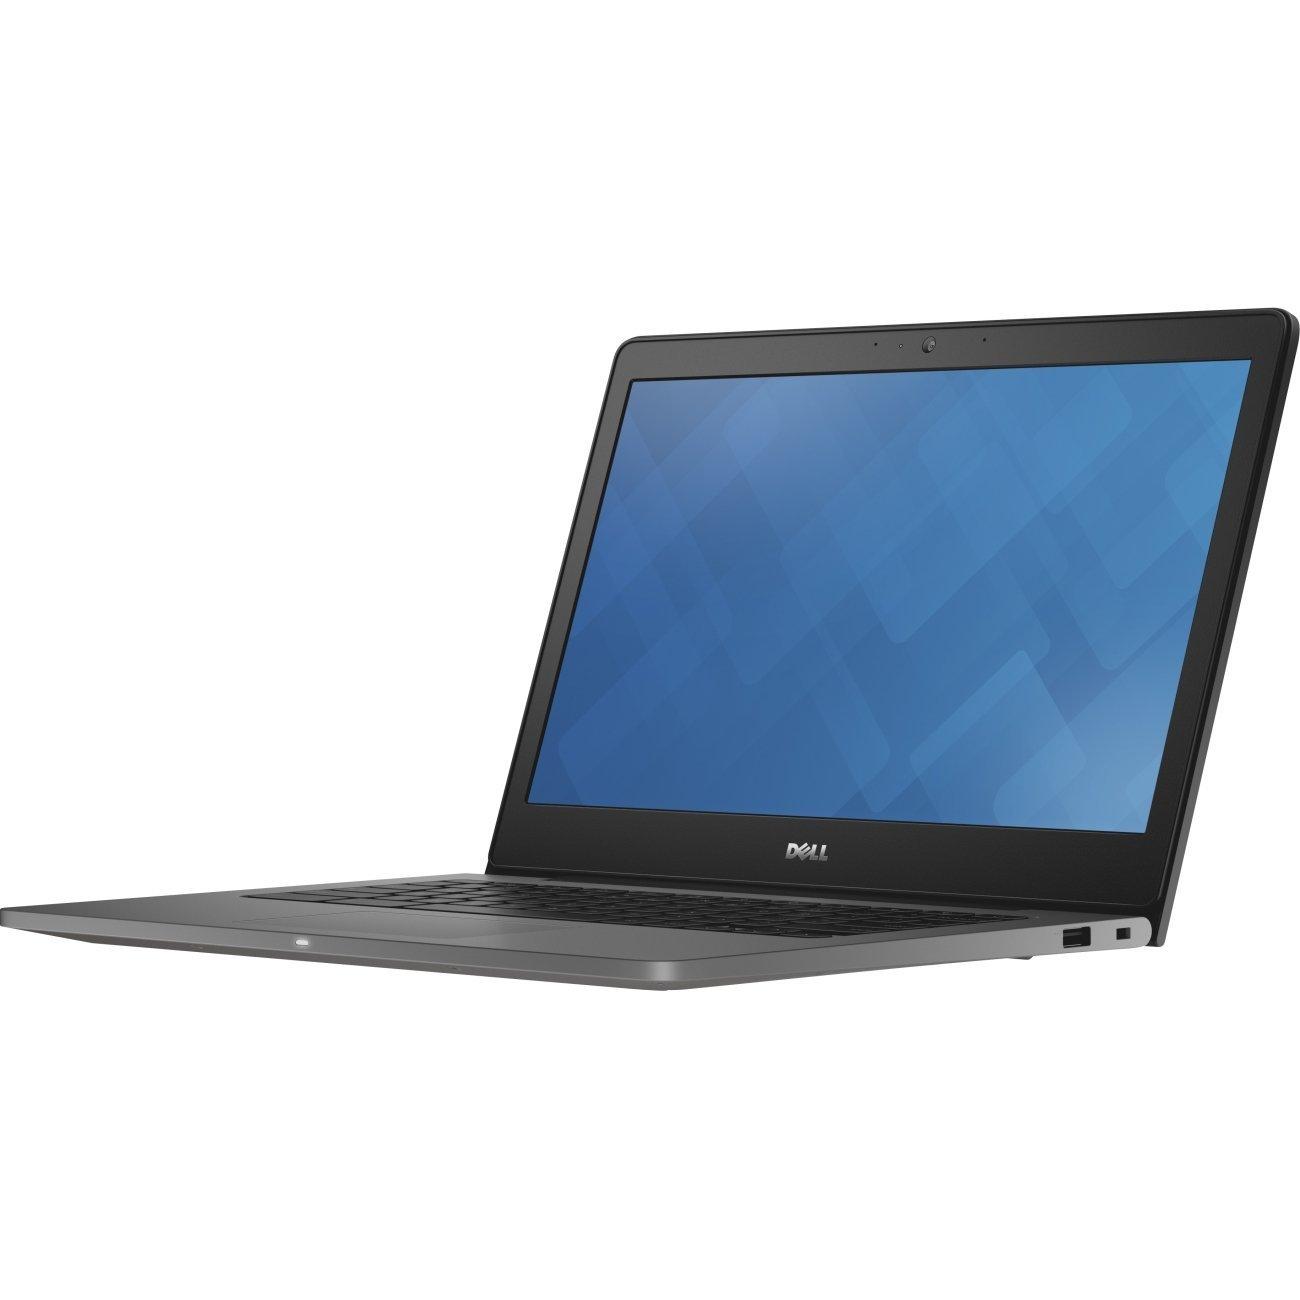 """Dell 7310 Series 13.3"""" Chromebook (Intel Core i3, 4GB RAM, 32GB SSD)"""